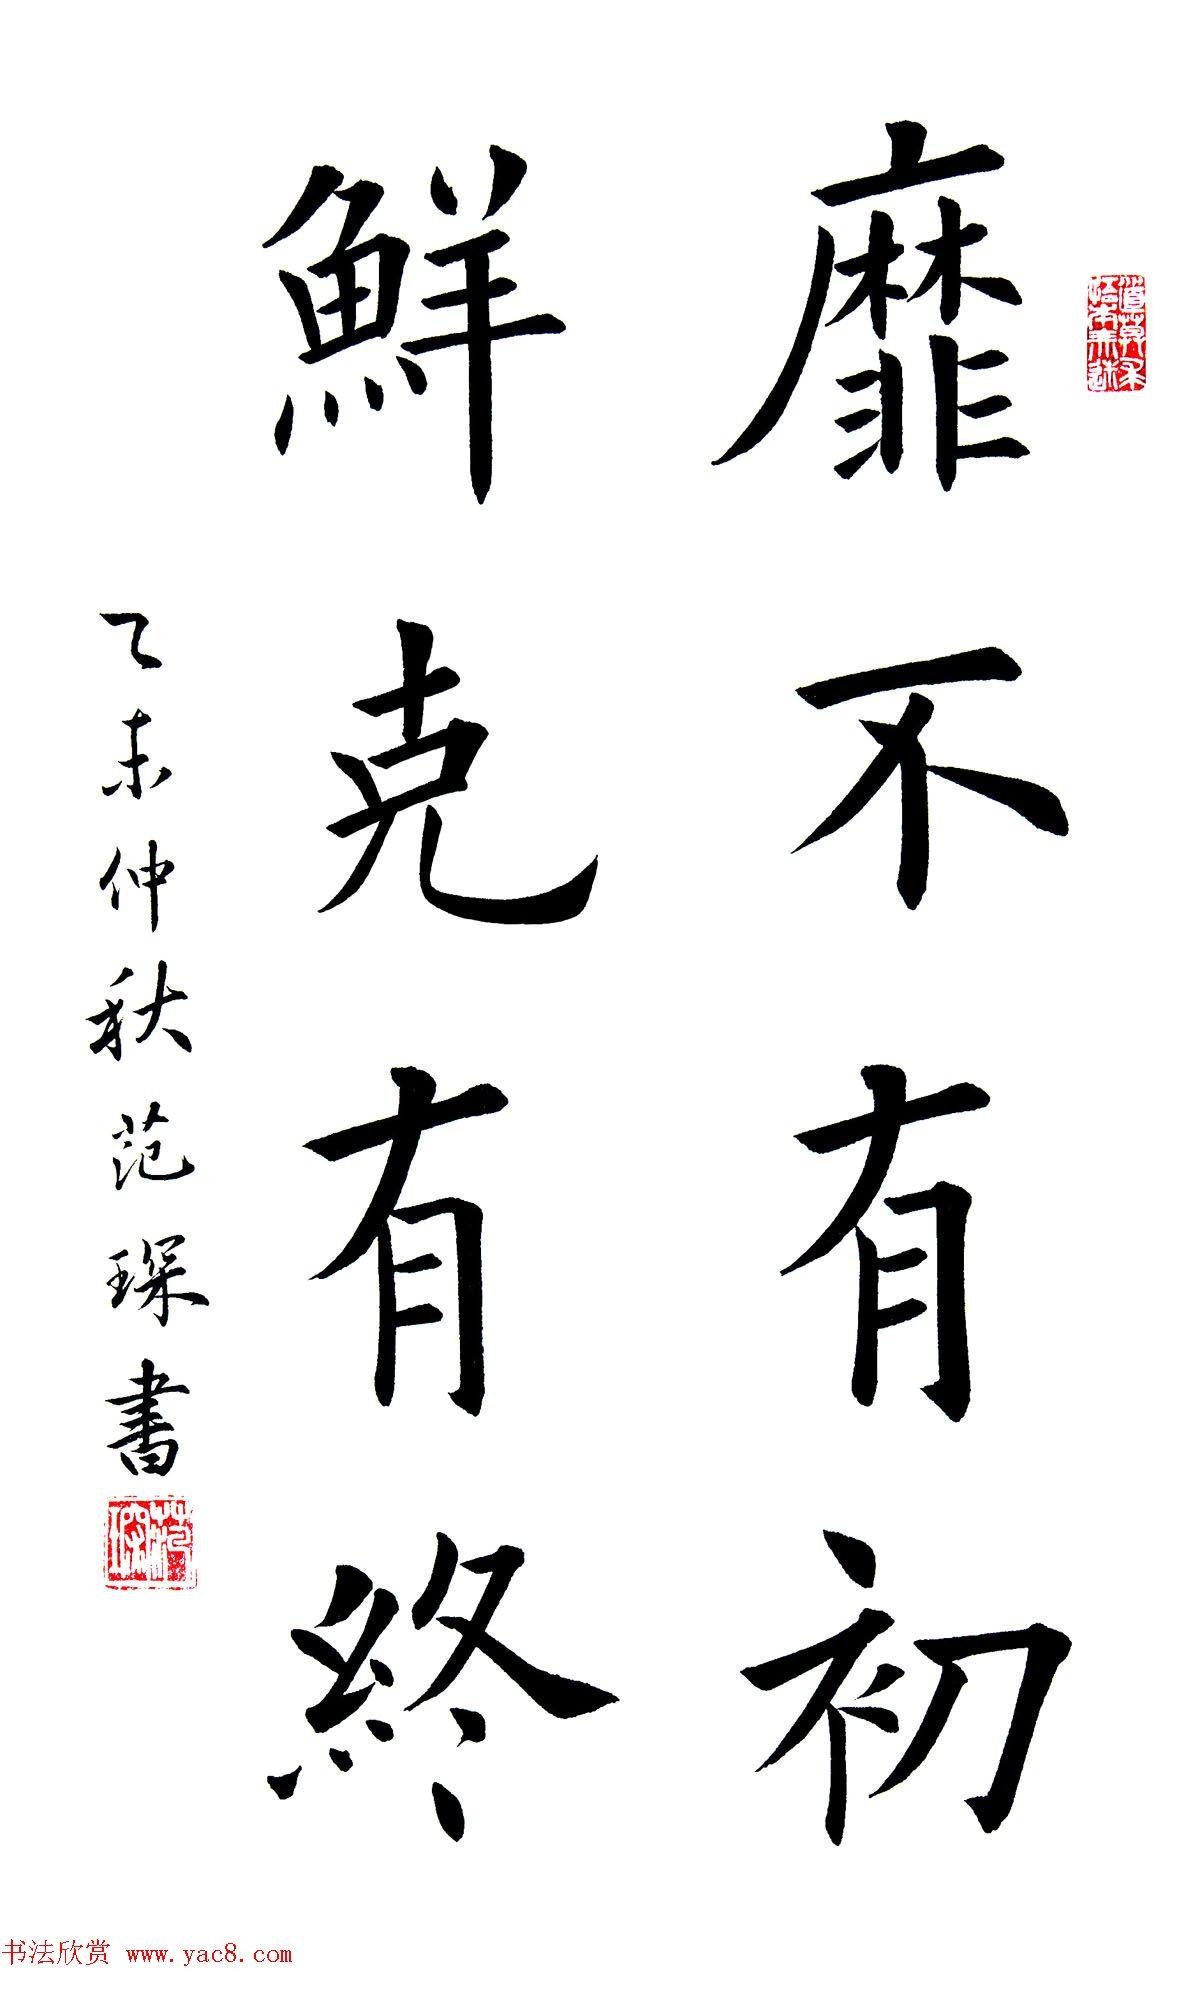 范琛毛笔楷书书法作品9幅 第2页 毛笔书法 书法欣赏